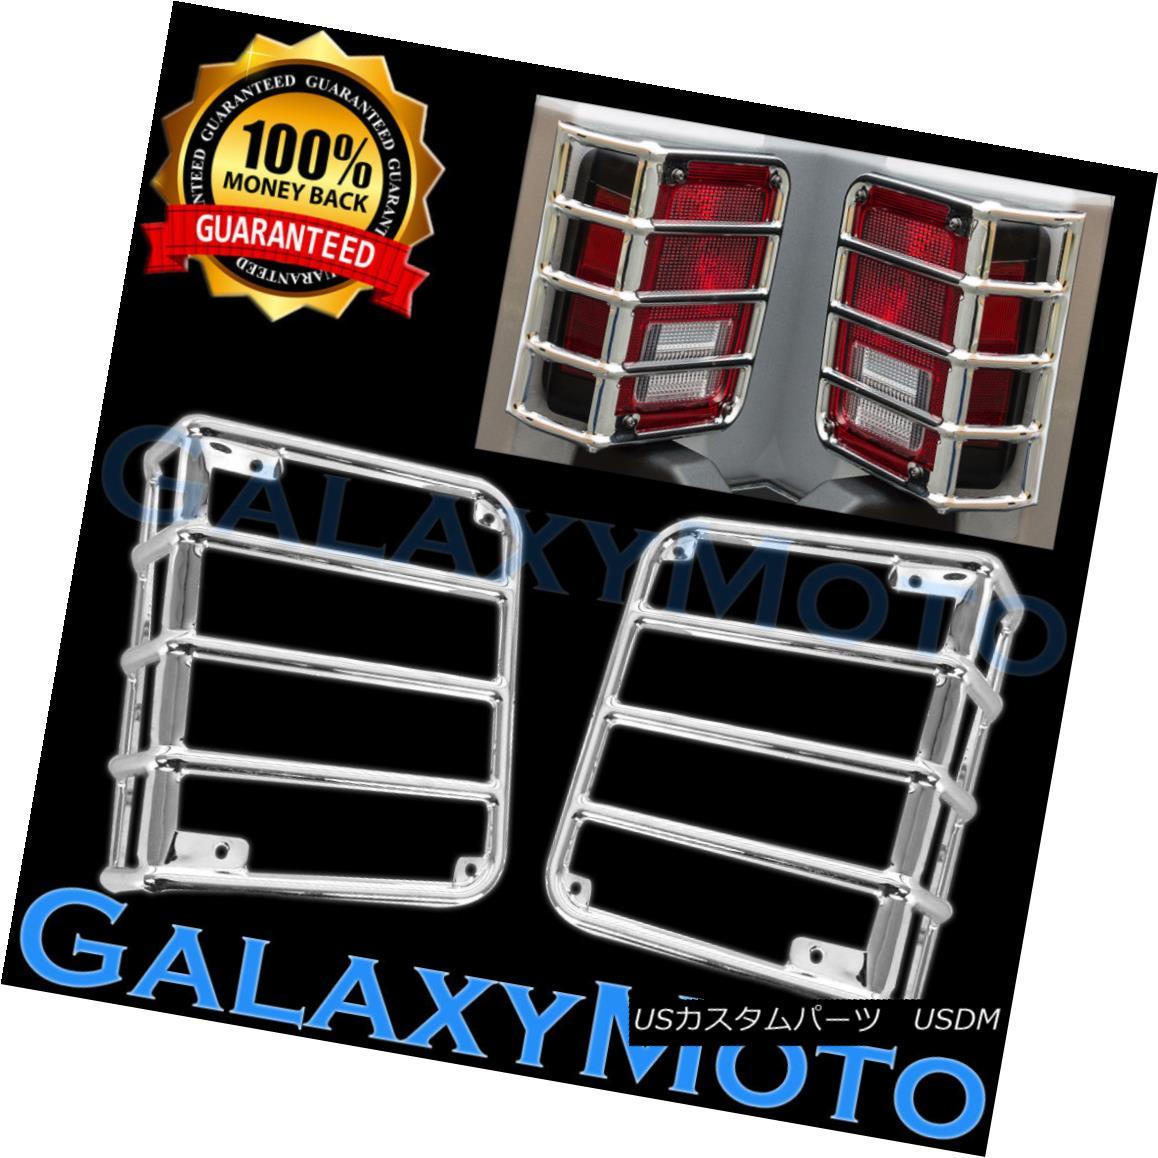 グリル Chrome Stainless Euro Taillight Lamp Guard Cover fit 07-17 Jeep Wrangler JK クロムステンレスユーロテールライトランプガードカバーフィット07-17ジープラングラーJK